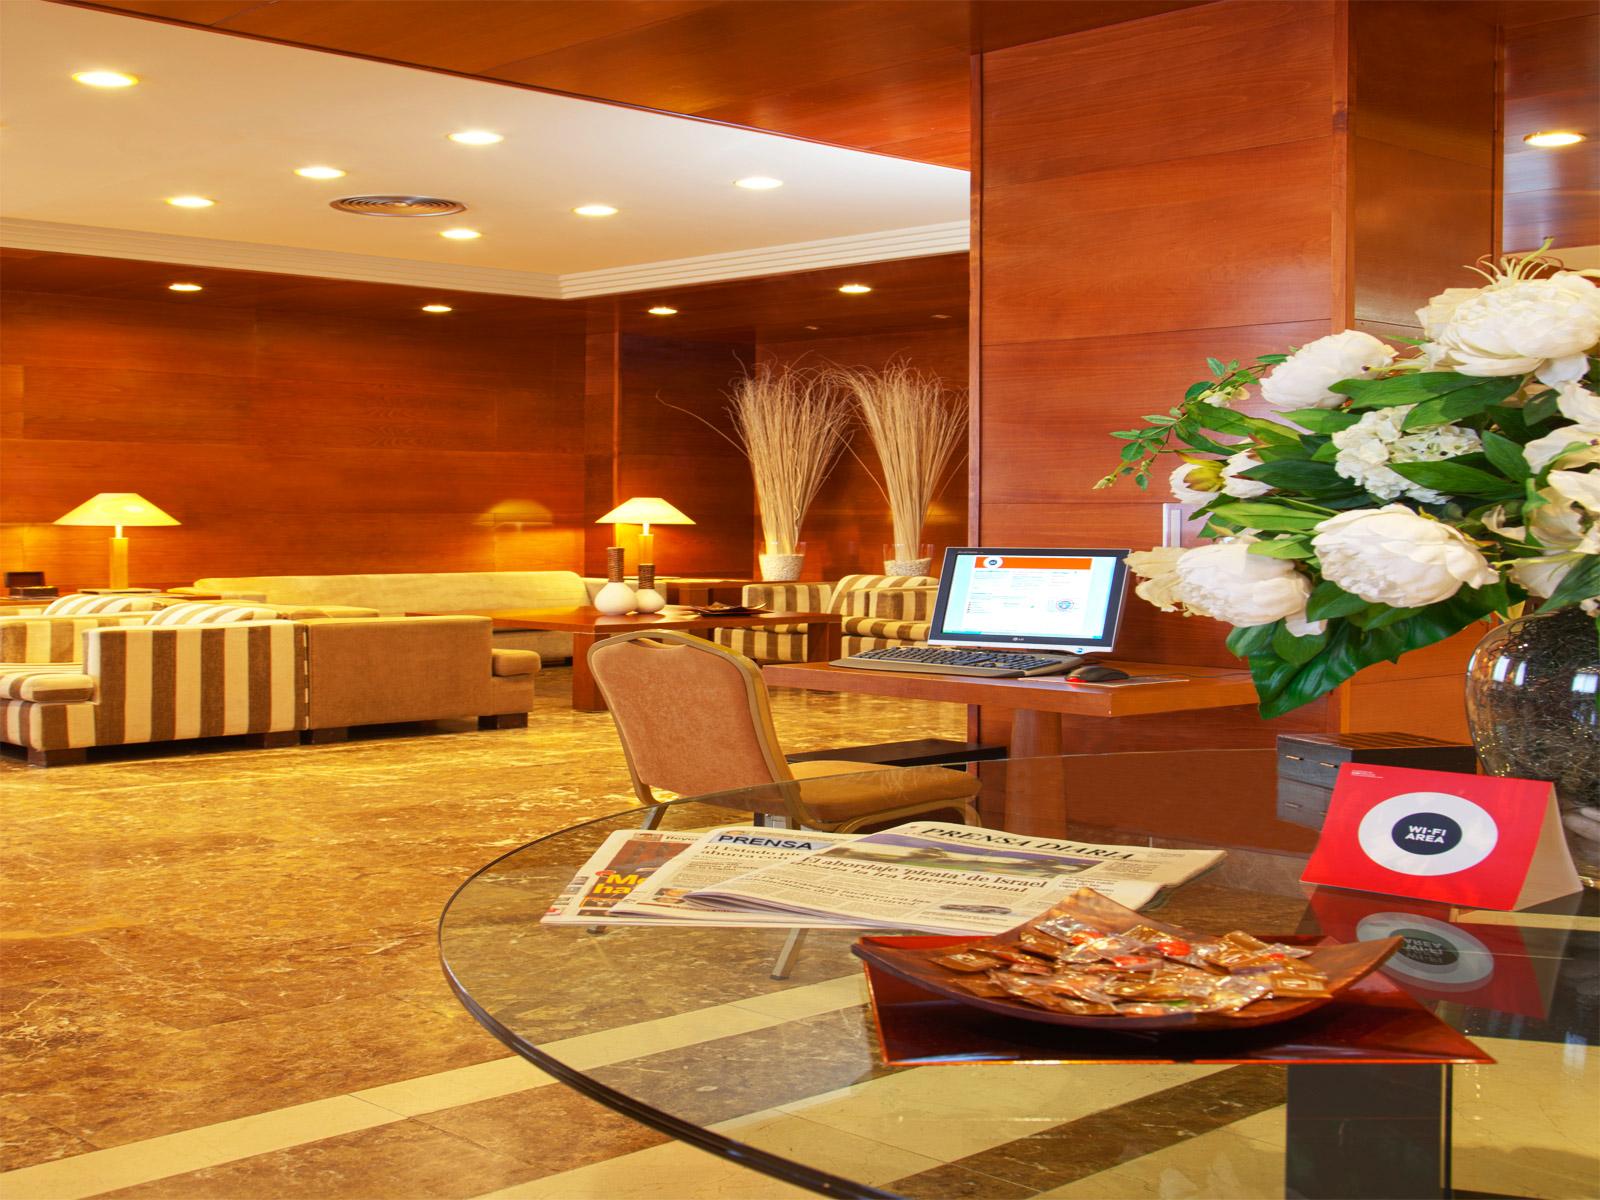 Indoor-Hoteles Vincci. Hotel Vincci Ciudad de Salamanca